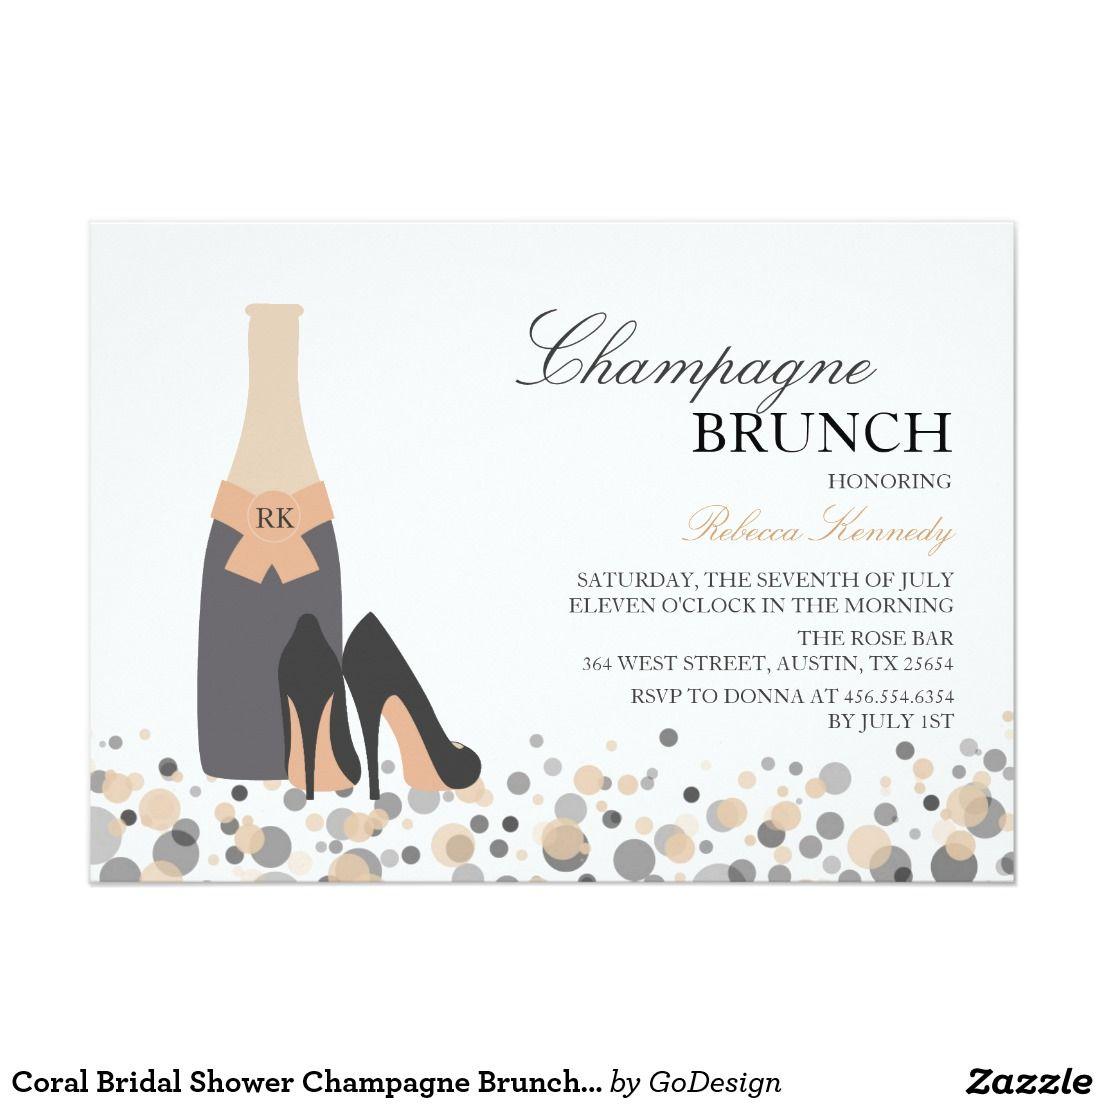 Coral Bridal Shower Champagne Brunch Invite Wedding Bridal Brunch